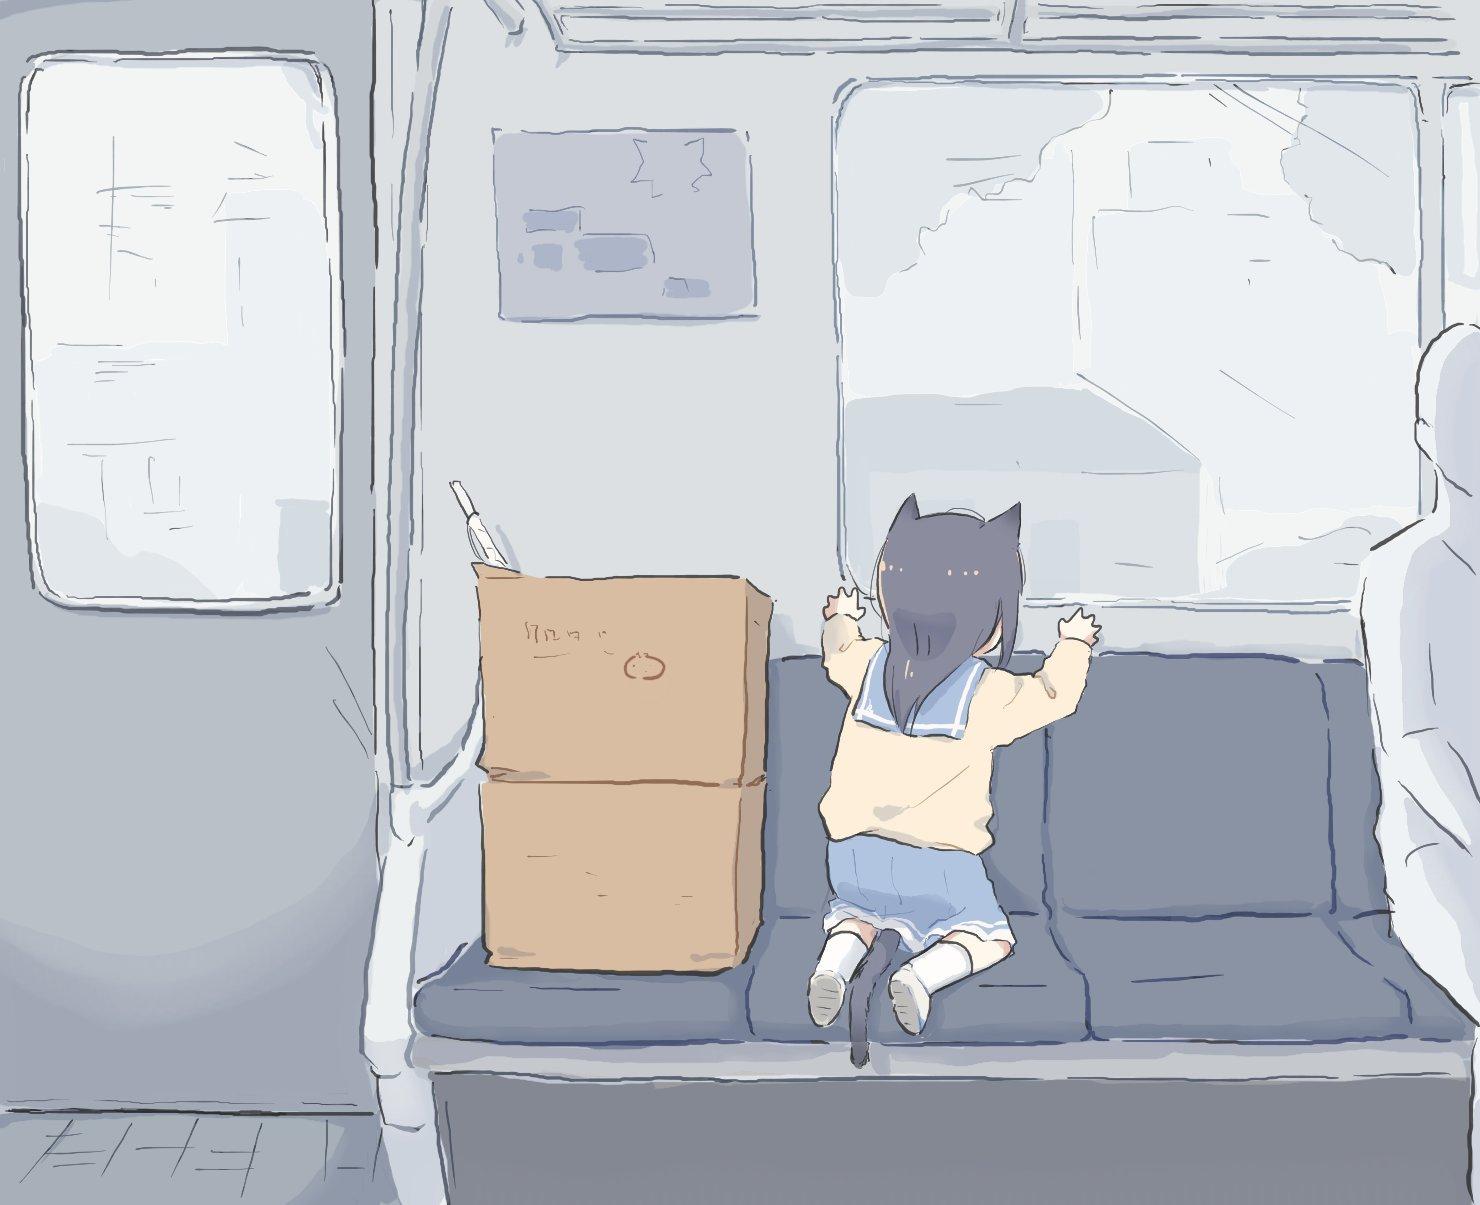 【两级反转】猫猫真难哈哈哈哈!画师Lyy利兹与青鸟同人更新